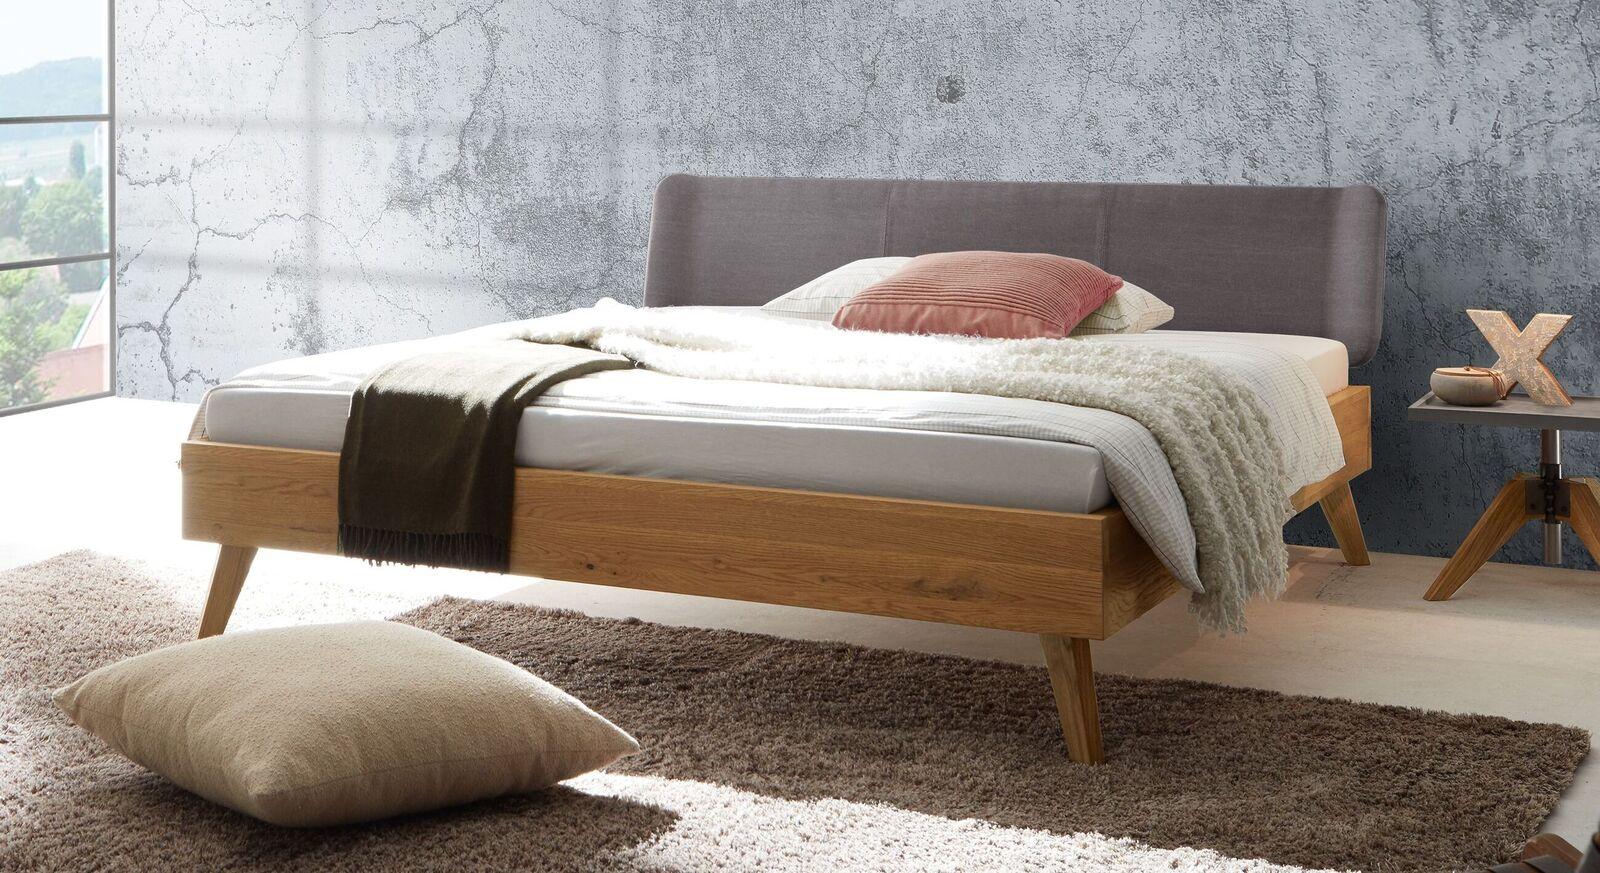 Bett Sandel mit robustem Wildeichenholz-Rahmen